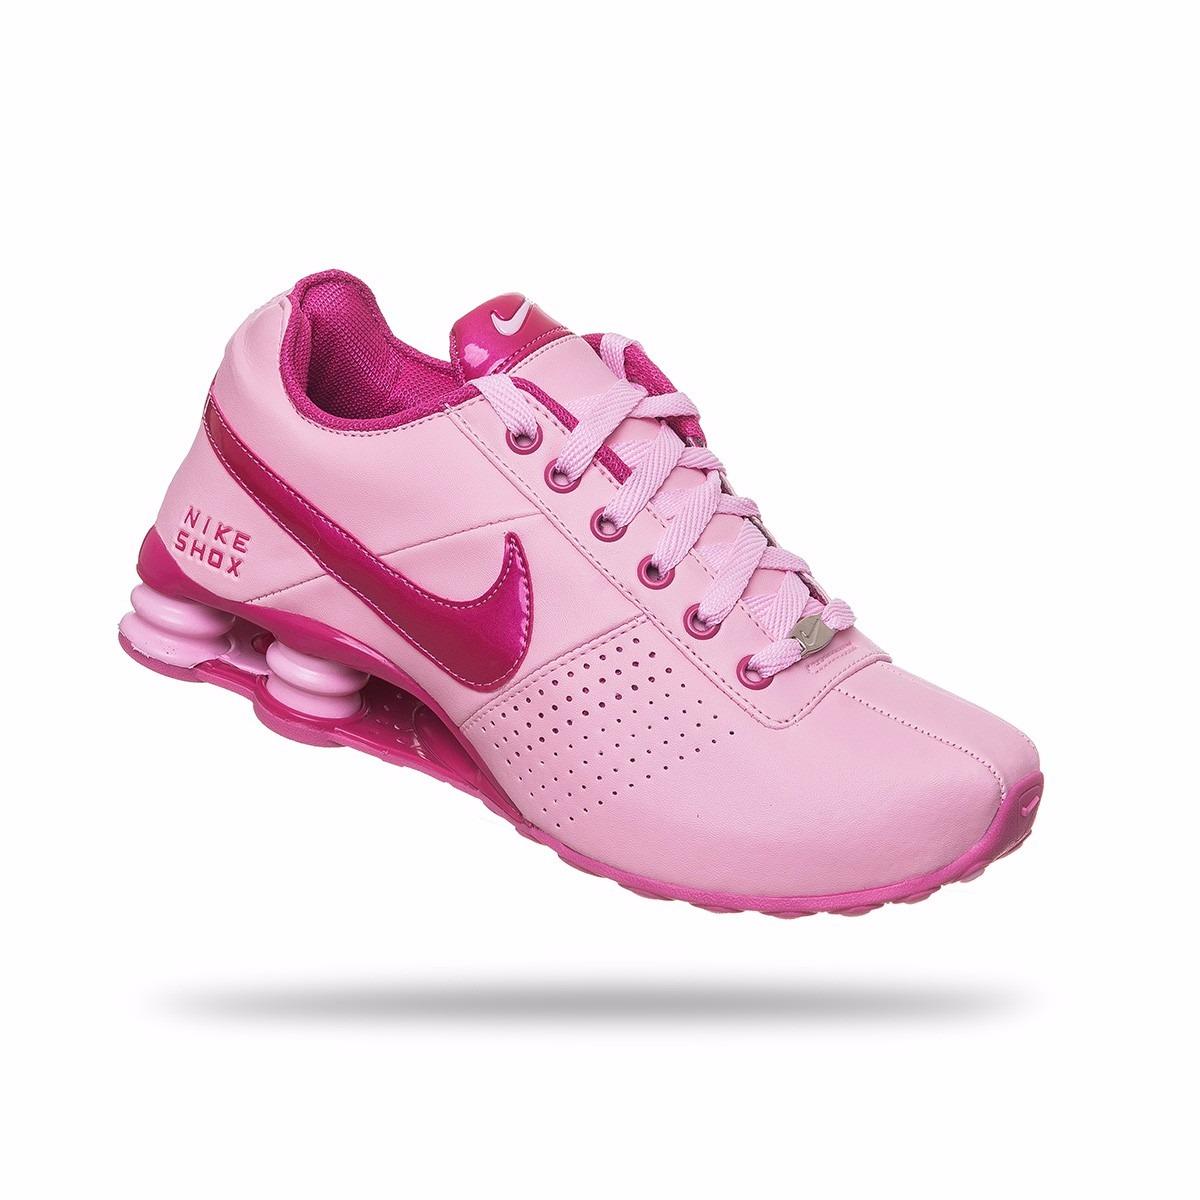 ... france tênis nike shox classic deliver feminino lindo frete grátis. carregando  zoom. 60a7a 1c3fa bc15b34206e2f